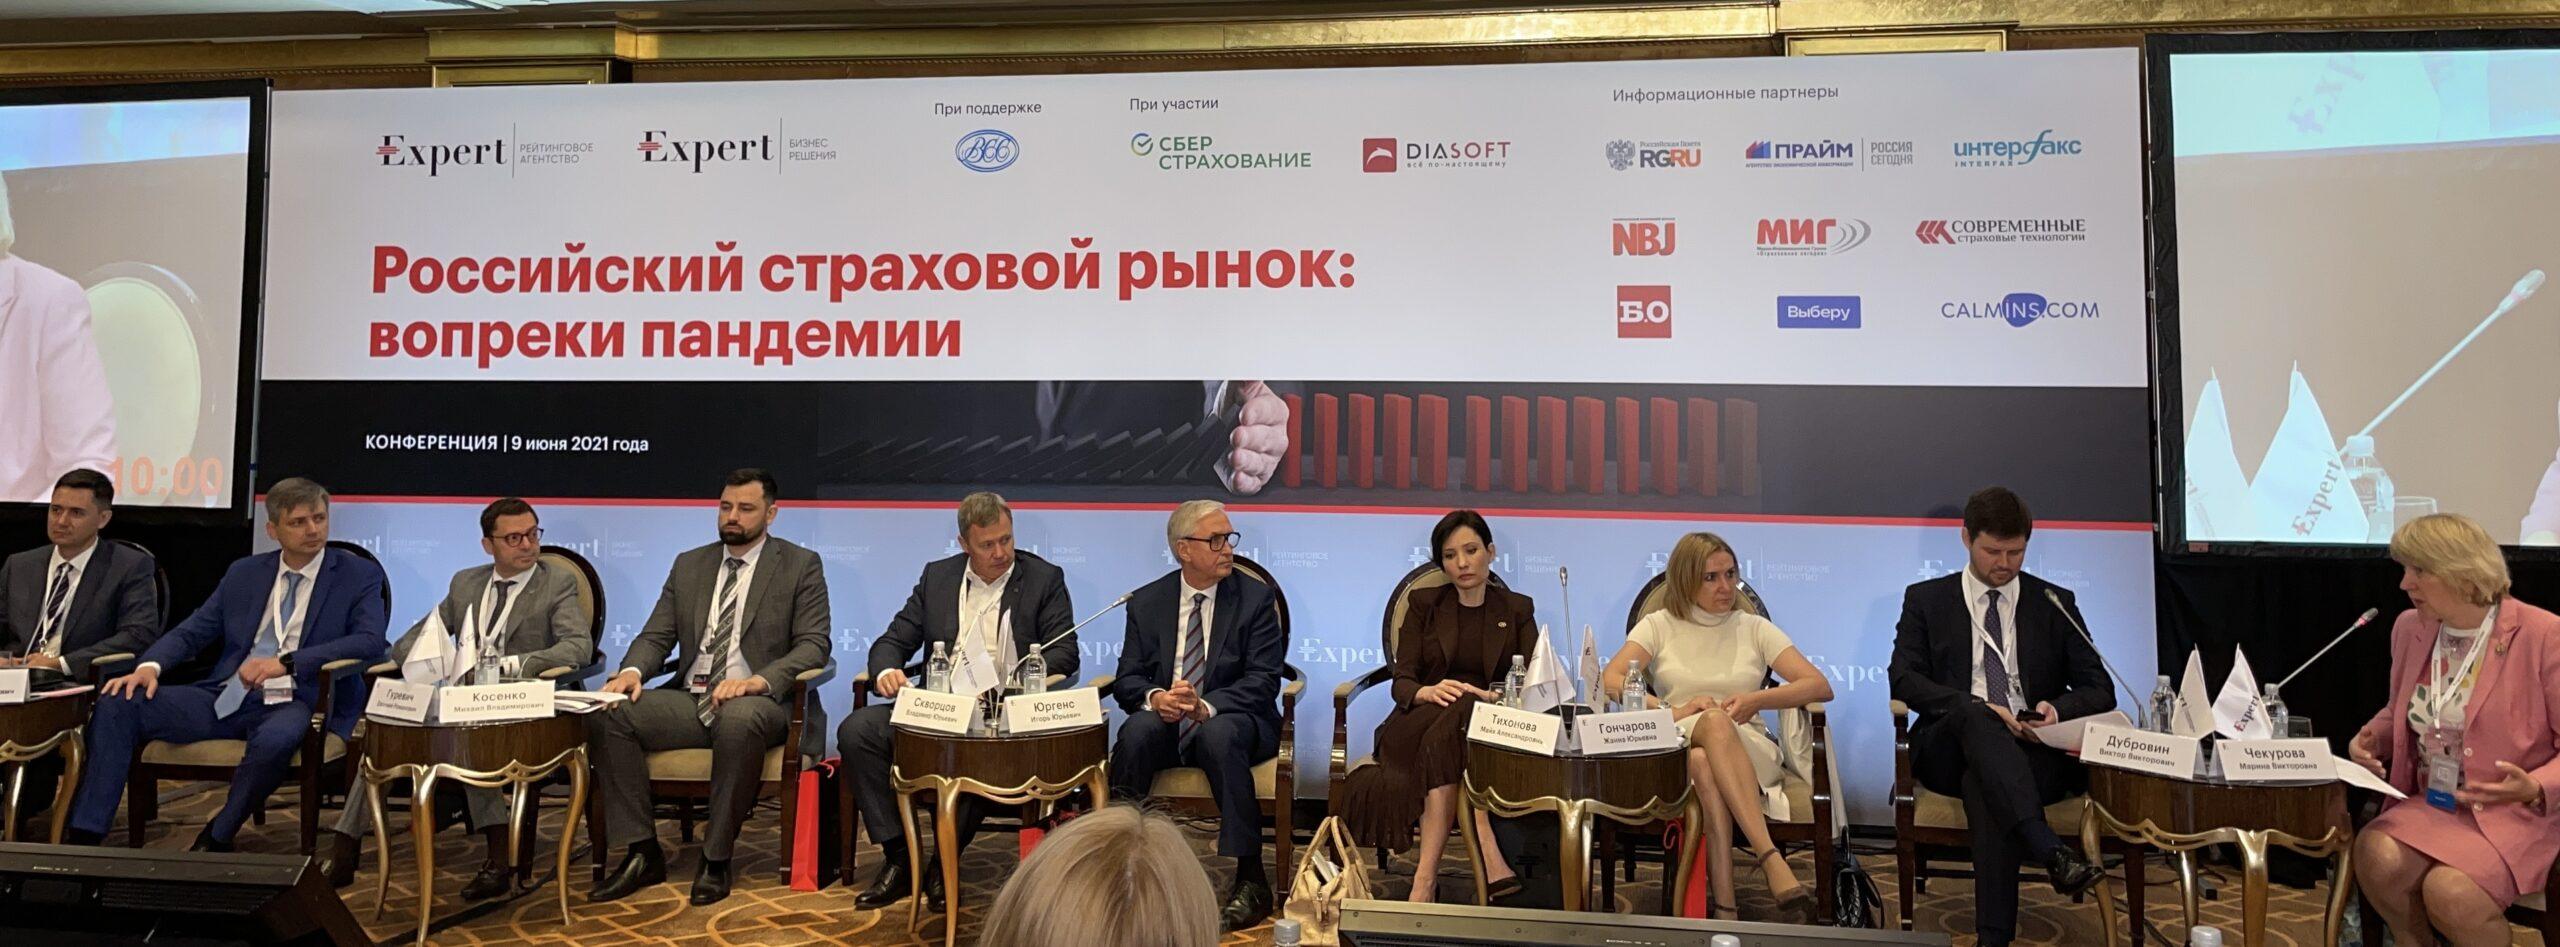 Страховой рынок России 2021 к вызовам готов!